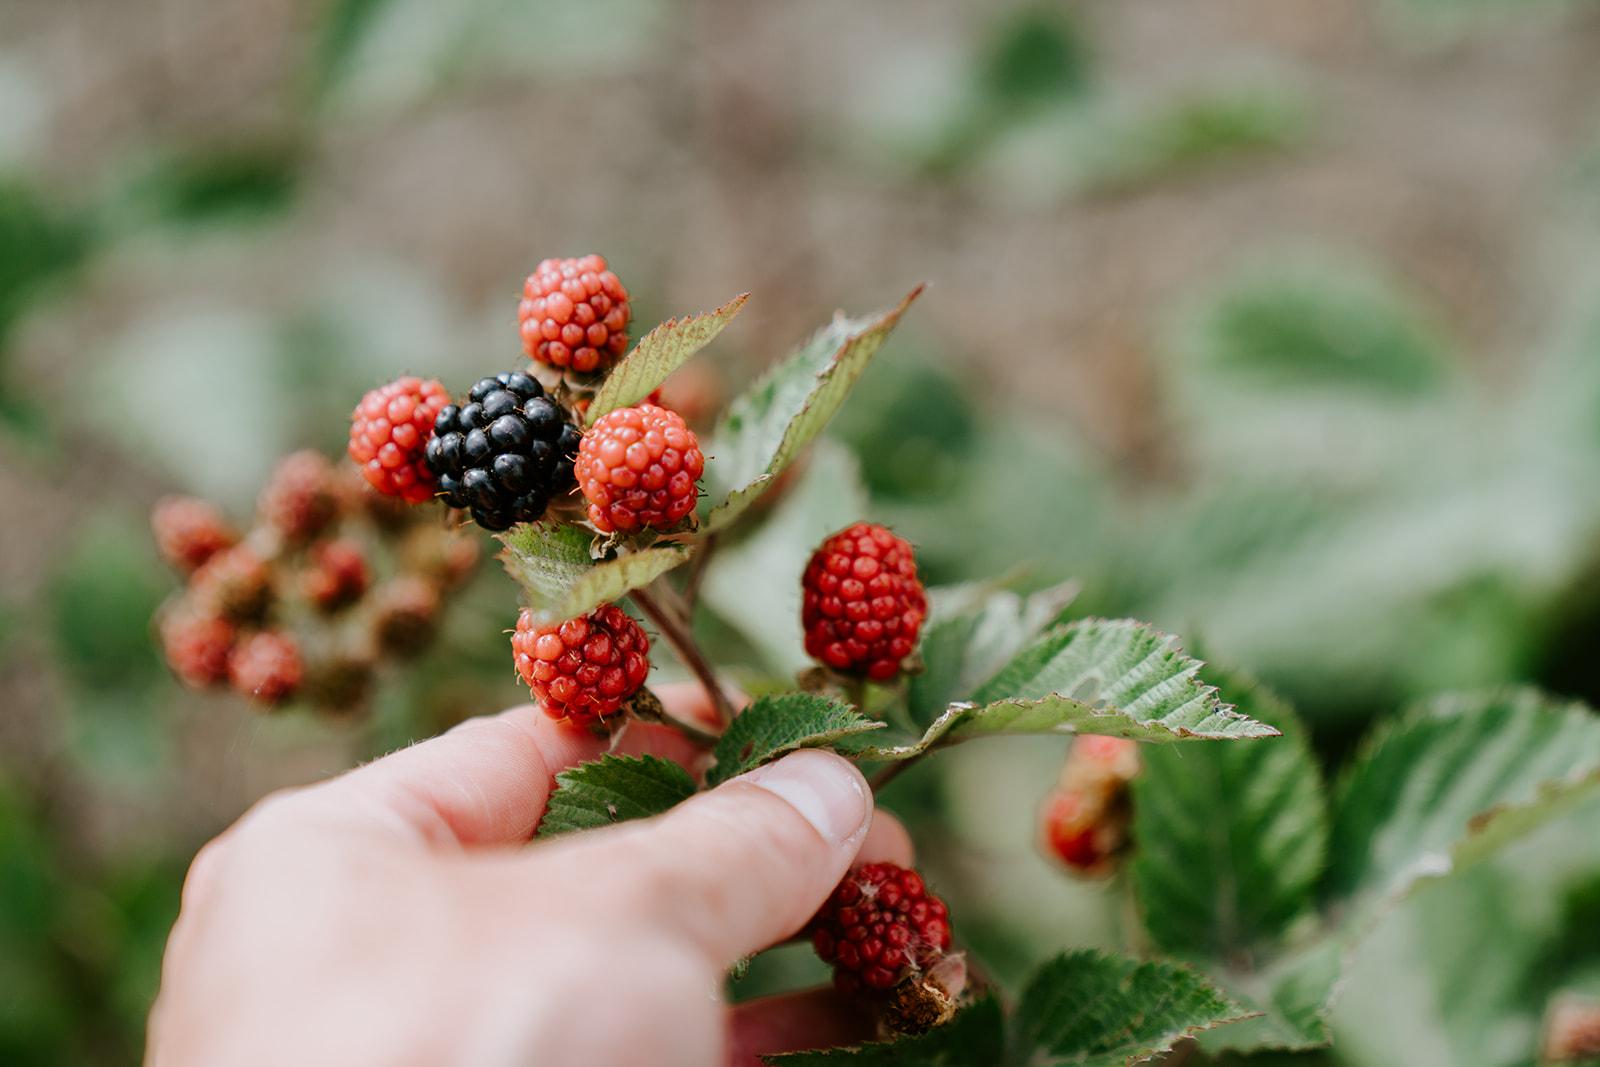 Ripening Blackberries on a vine.